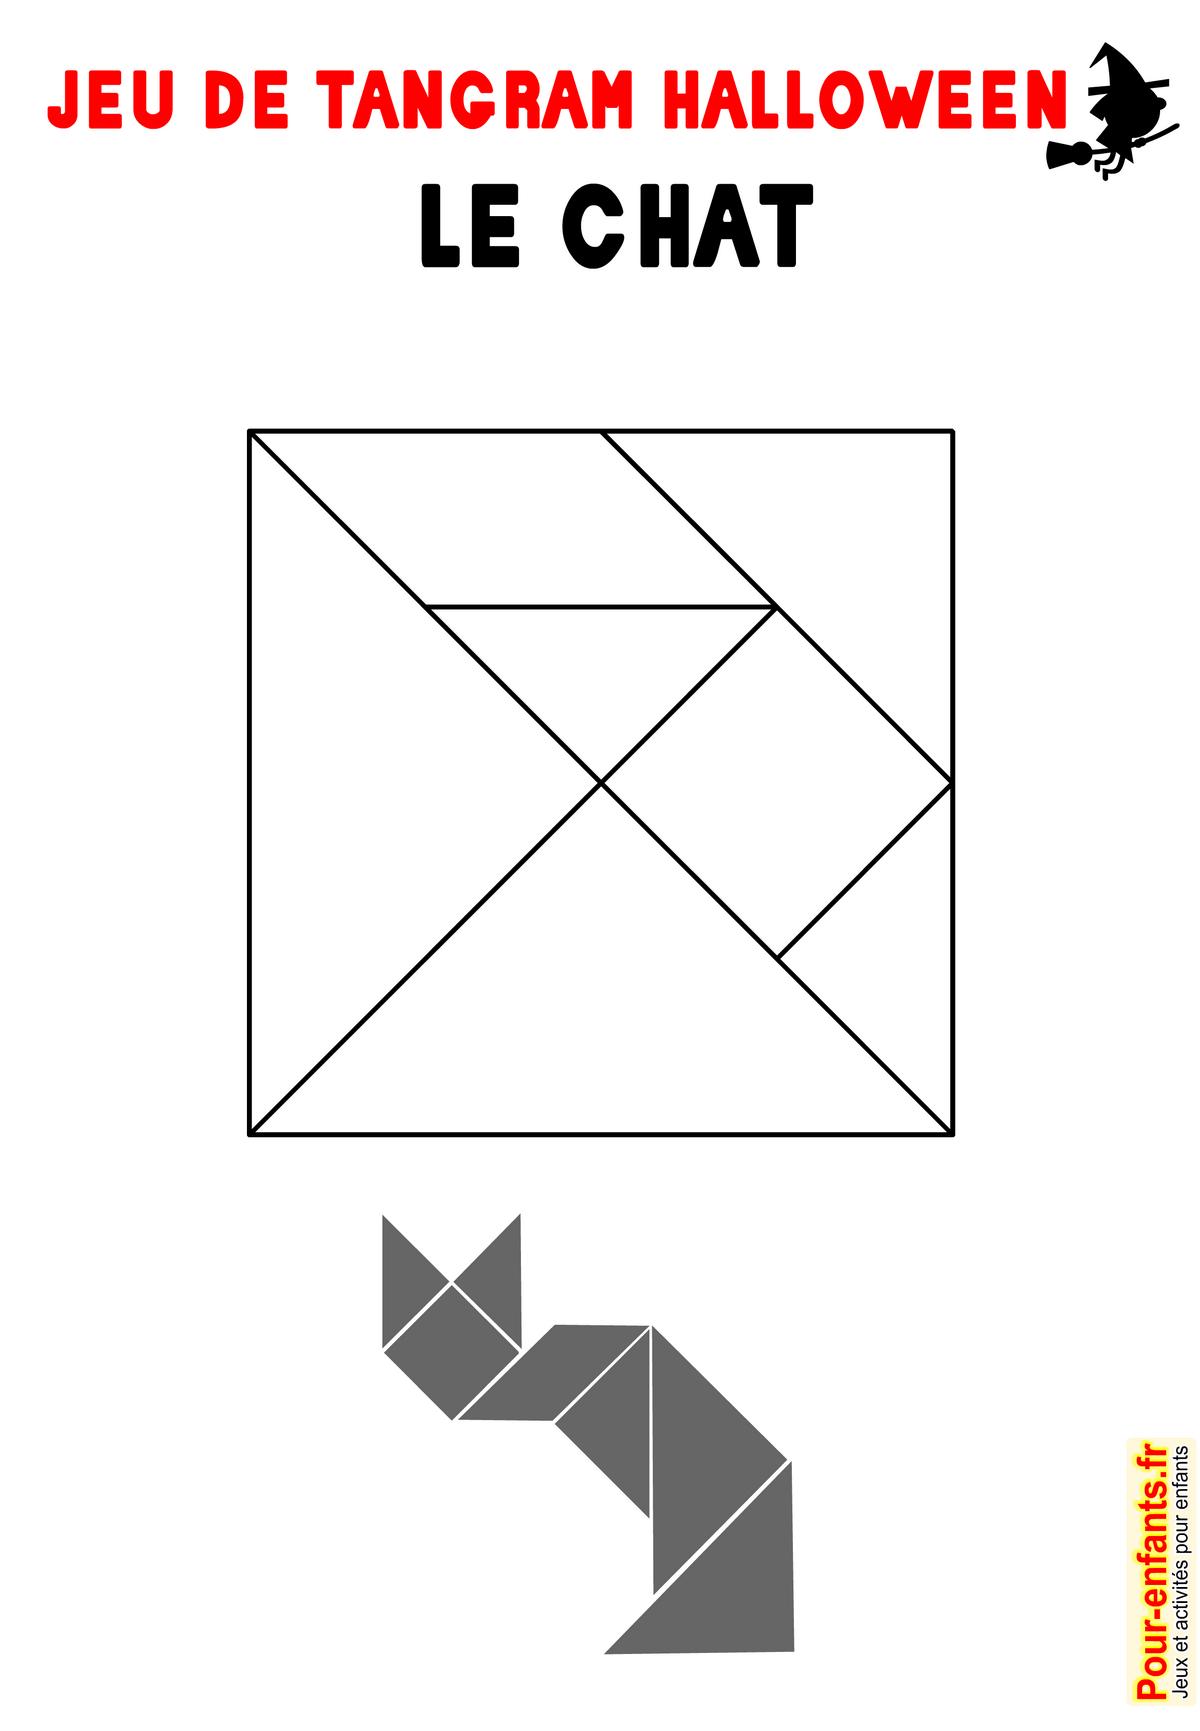 Jeu De Tangram À Imprimer Chat Halloween Imprimable Gratuit destiné Modèle Tangram À Imprimer